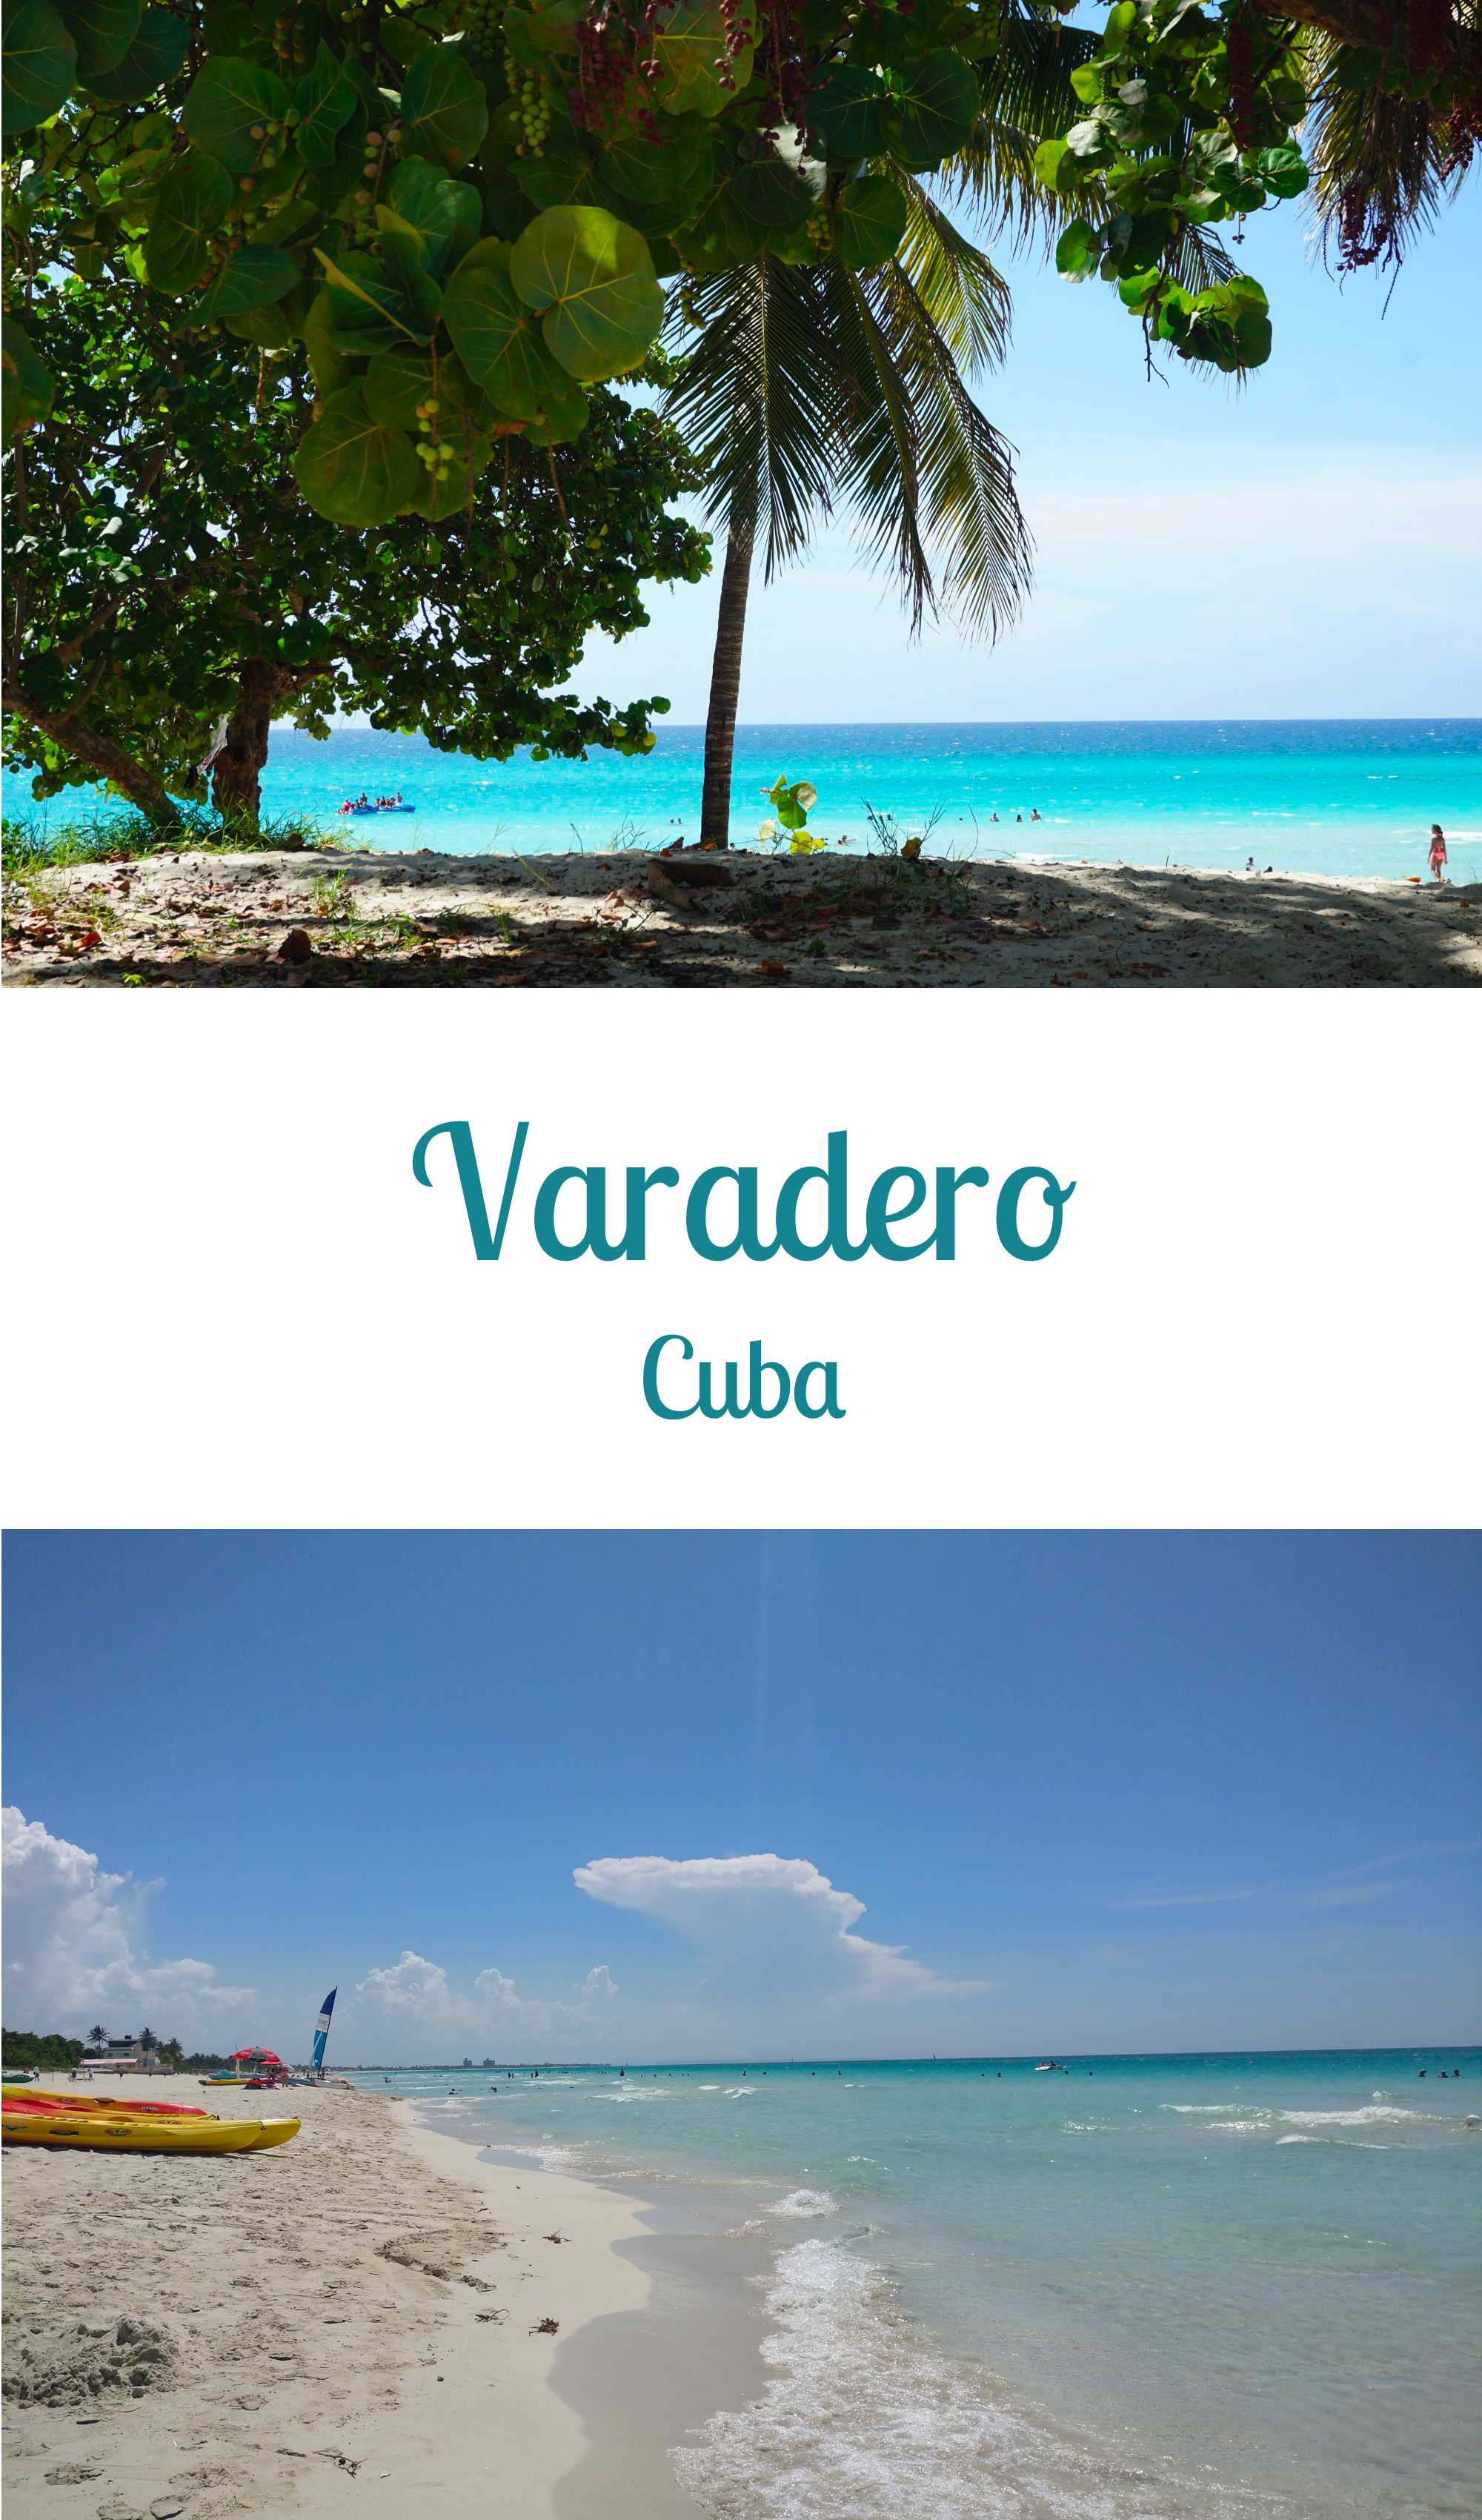 Cuba - Varadero